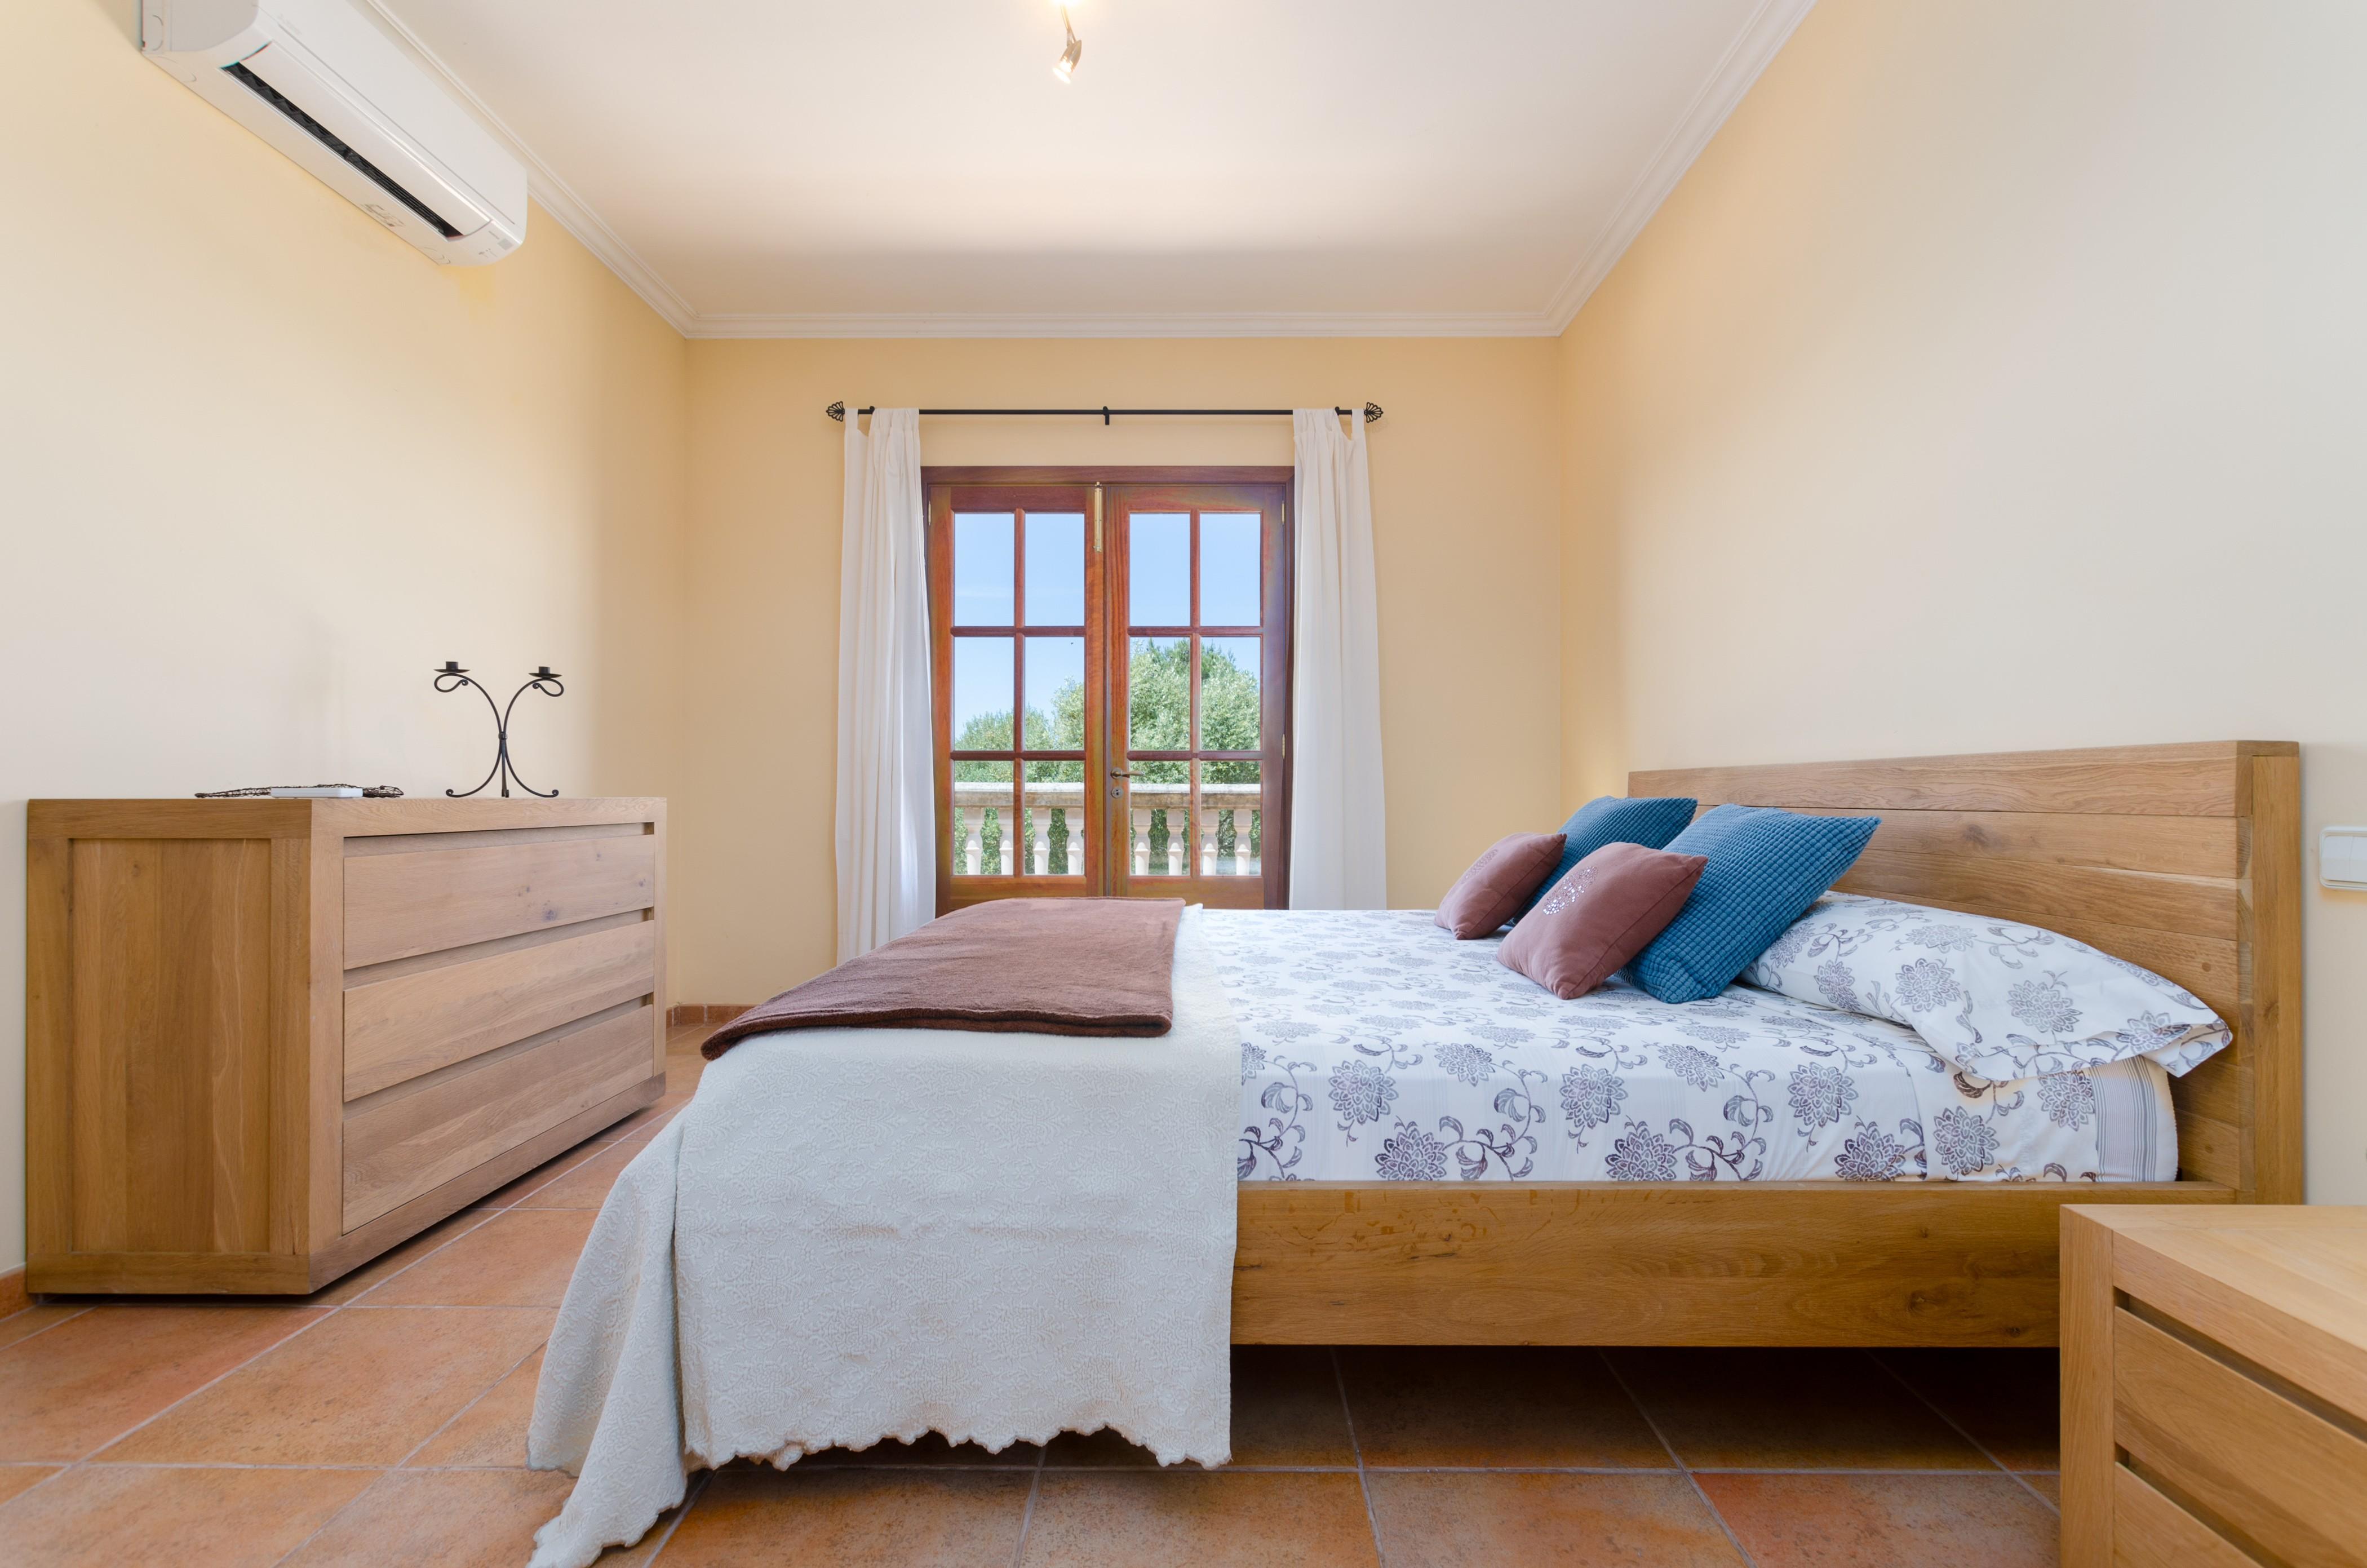 Maison de vacances ES VEDAT (2632993), Lloret de Vistalegre, Majorque, Iles Baléares, Espagne, image 29